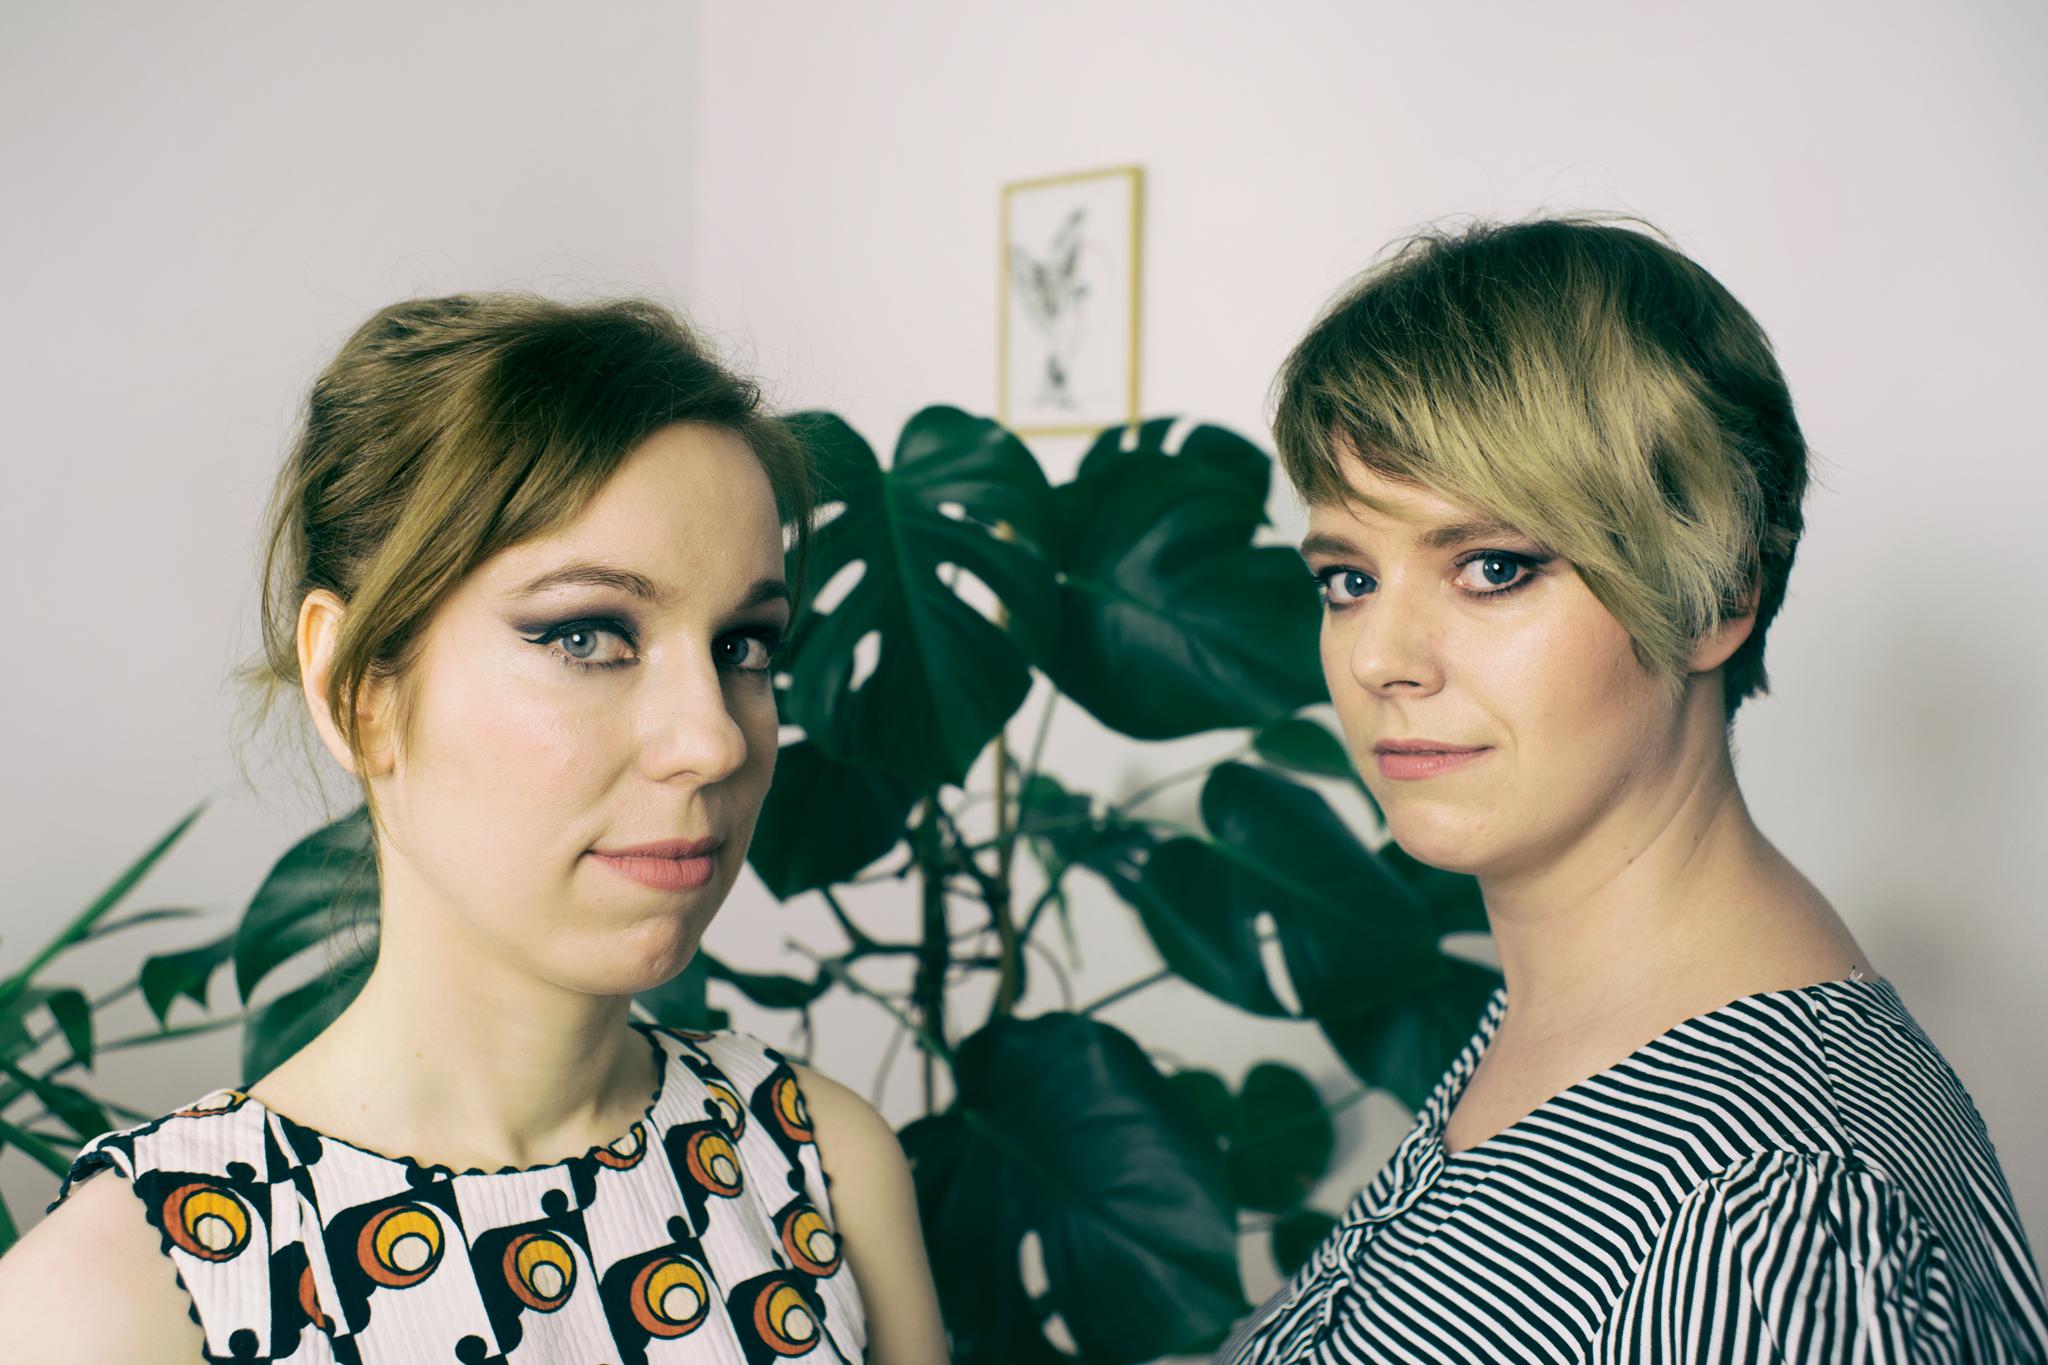 Dwie dziewczyny patrzące w obiektyw aparatu